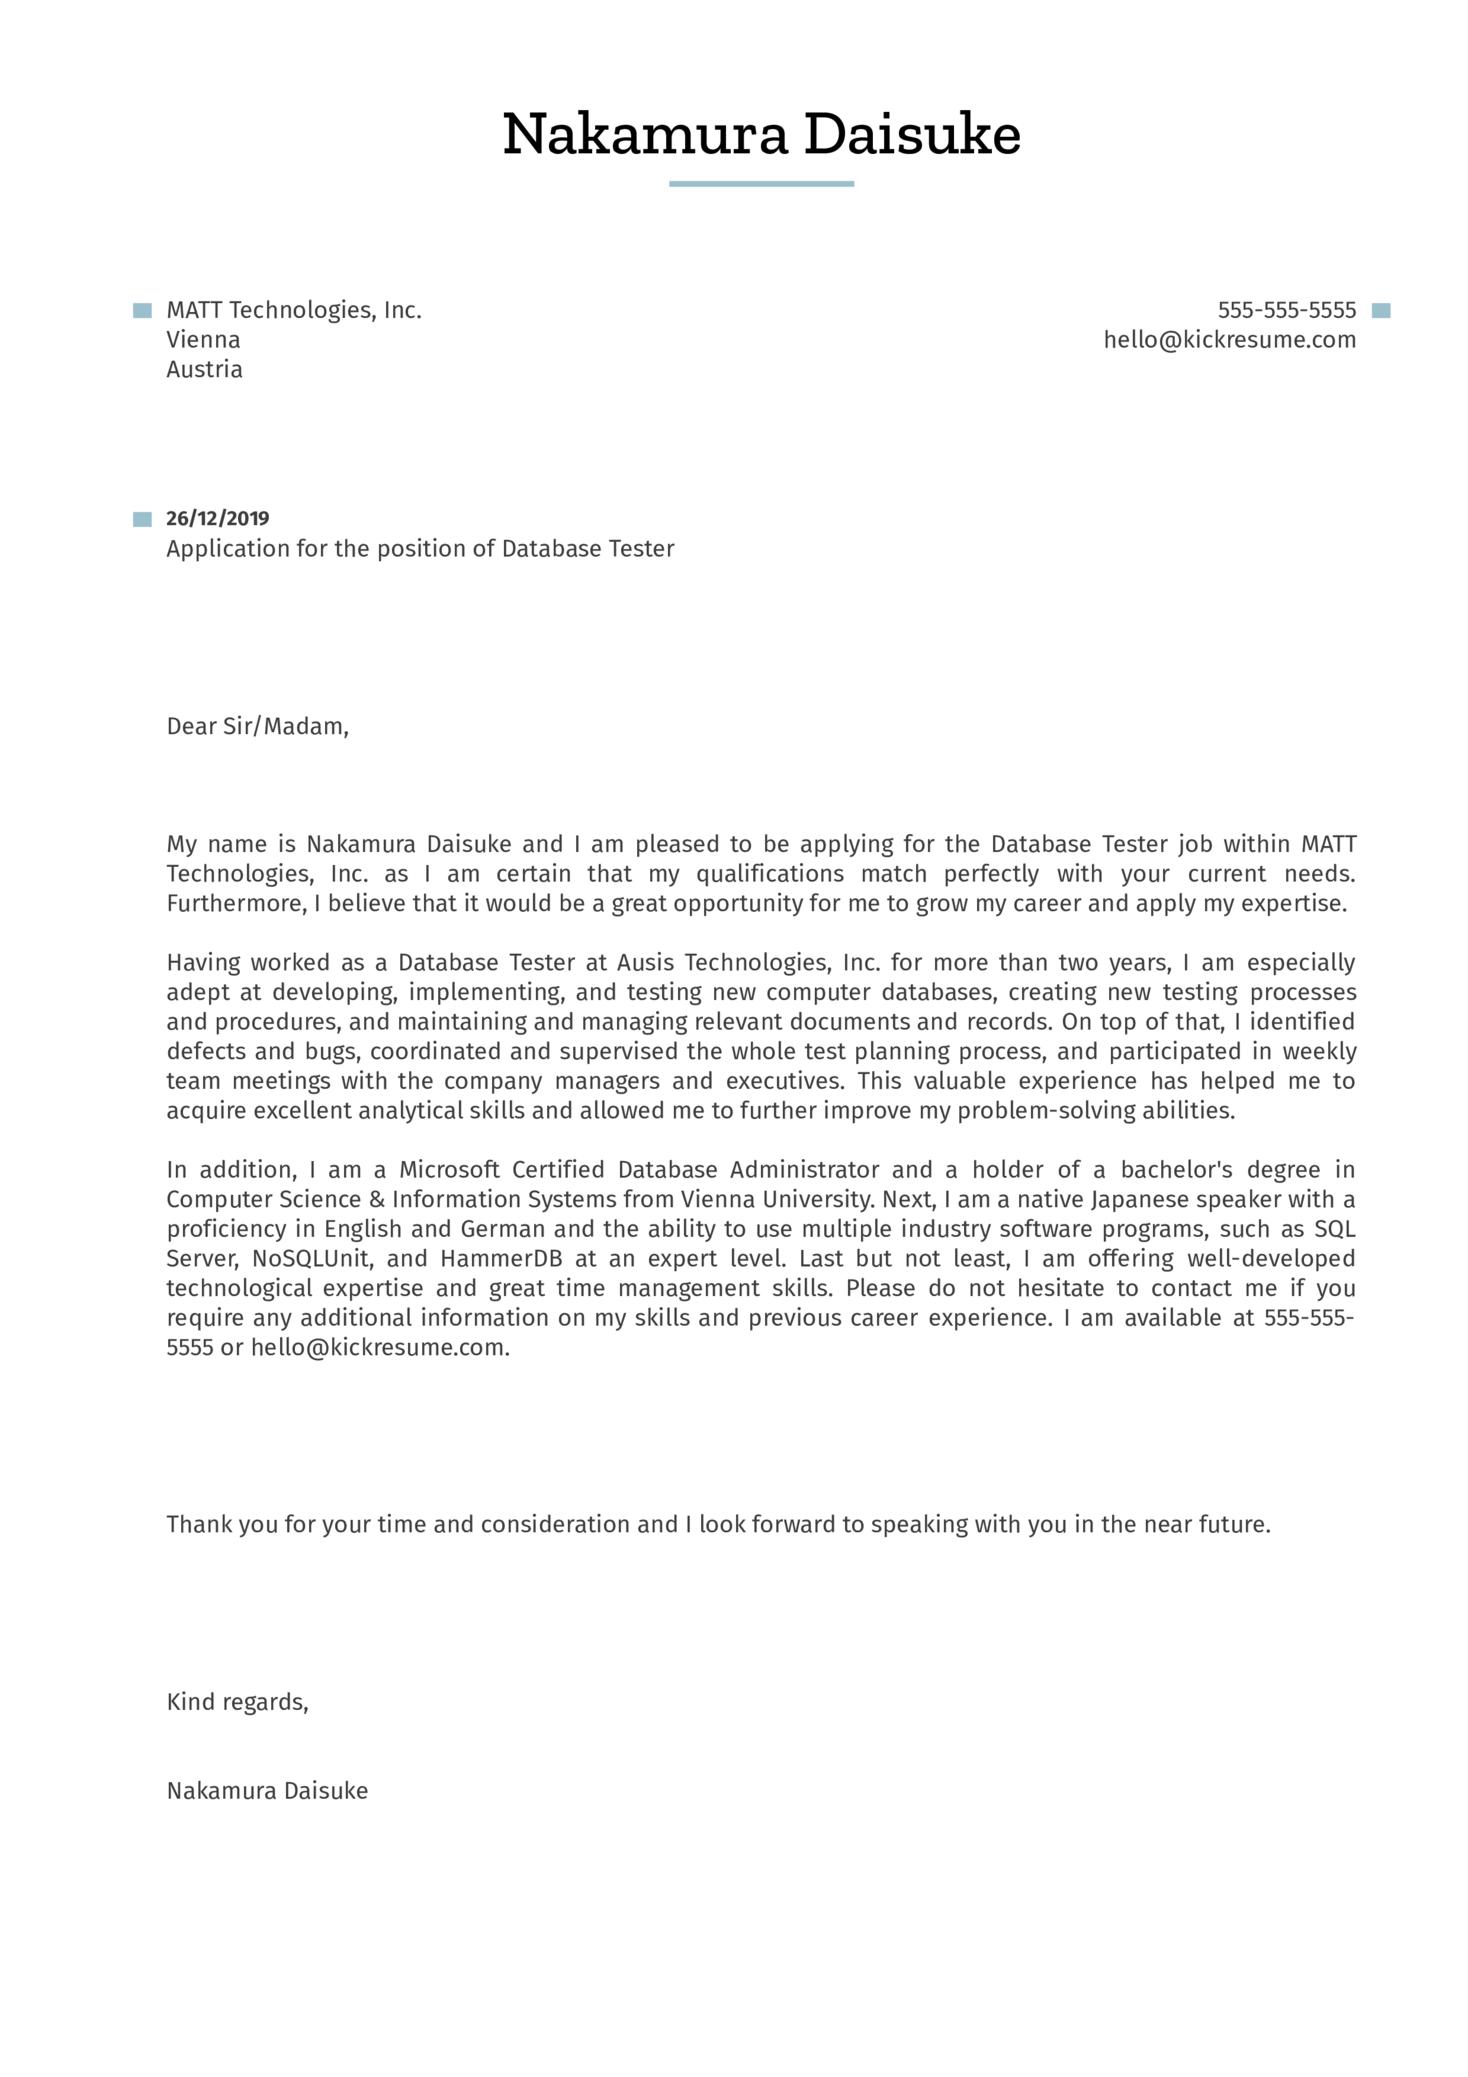 Database Tester Cover Letter Sample